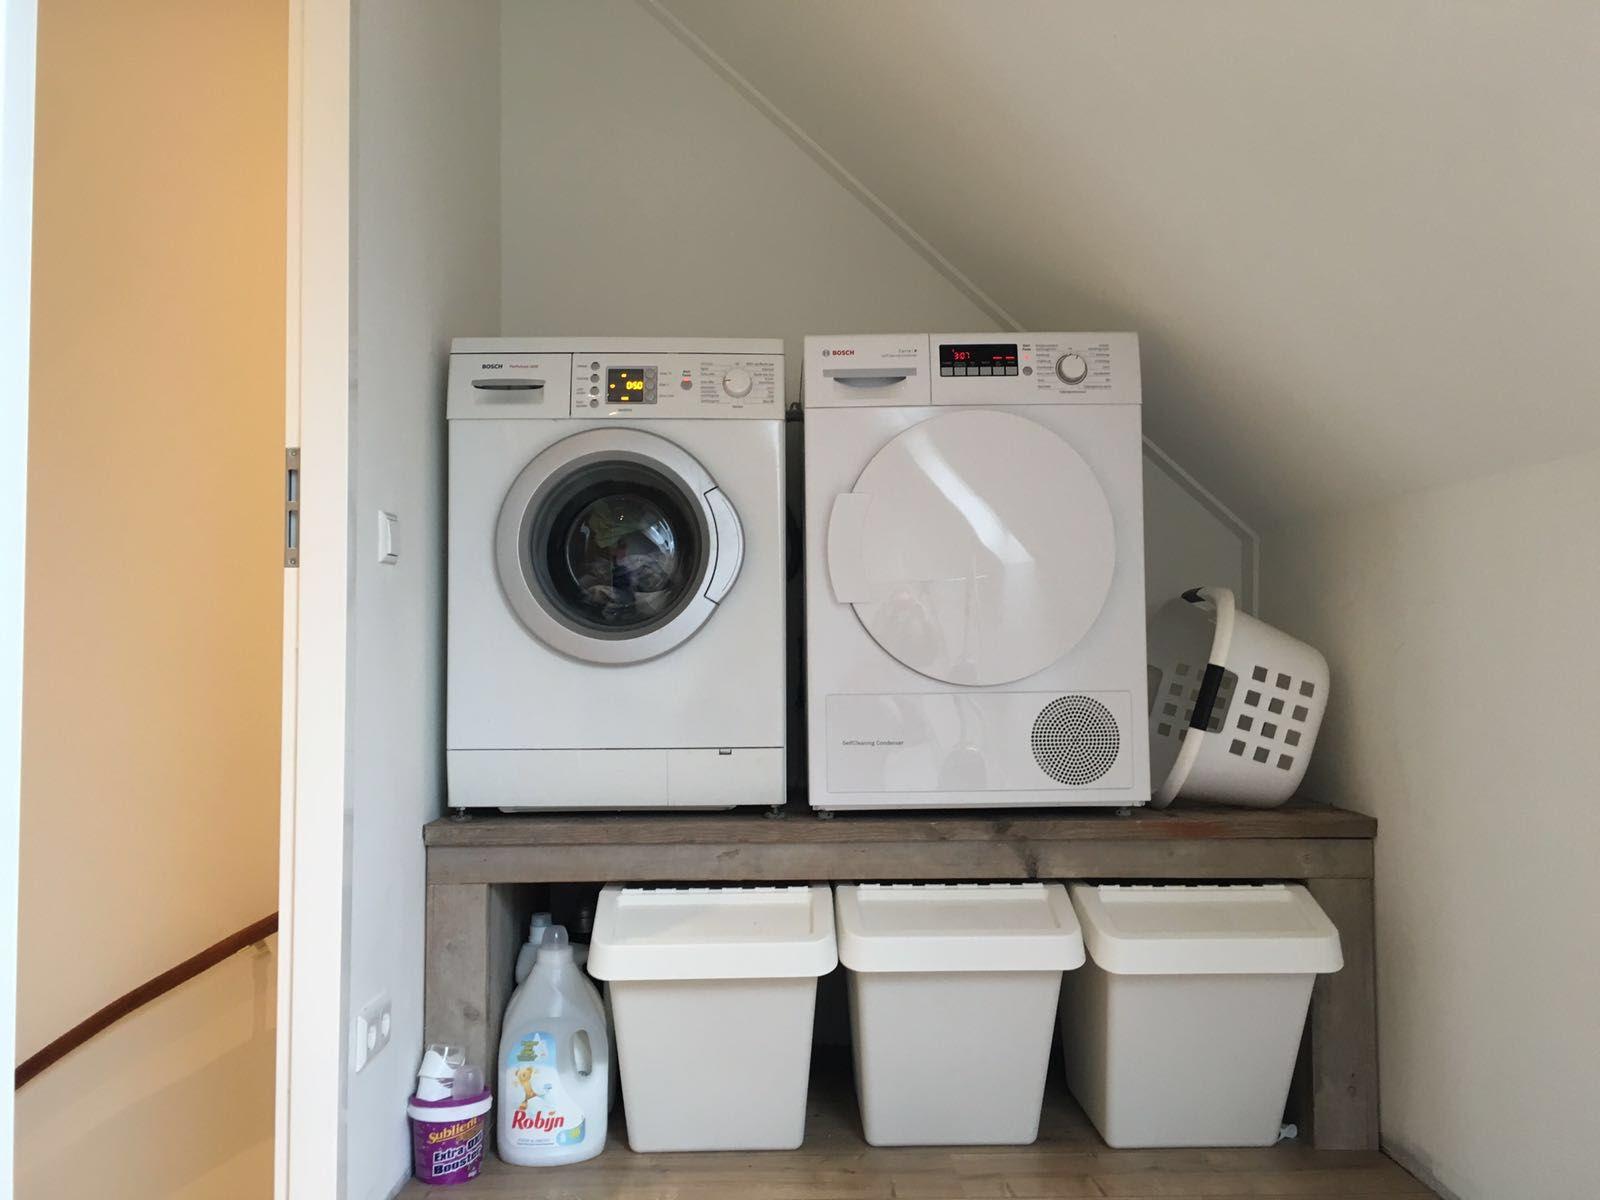 Onze mooie wasmachine en droger verhoging met Ikea wasmanden eronder ...